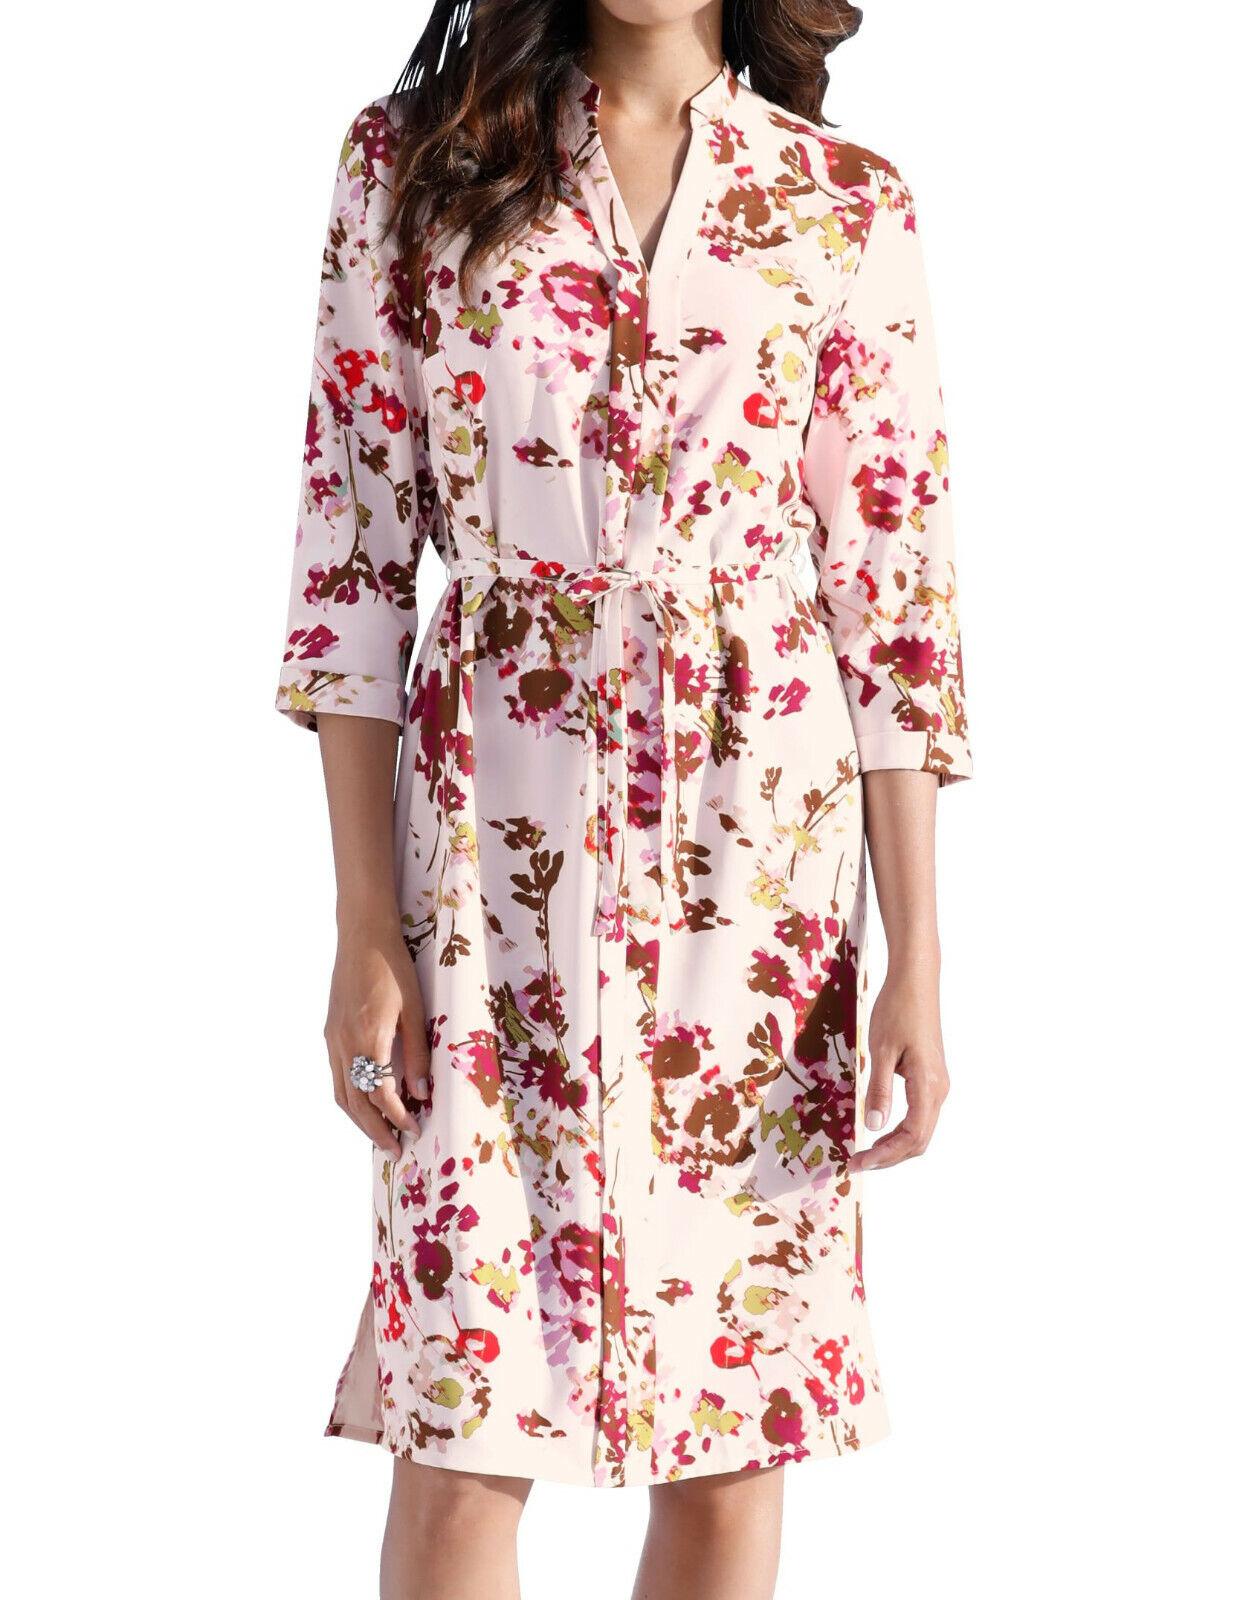 AMY VERMONT Blusenkleid mit Blumen-Druck. NEU!!!